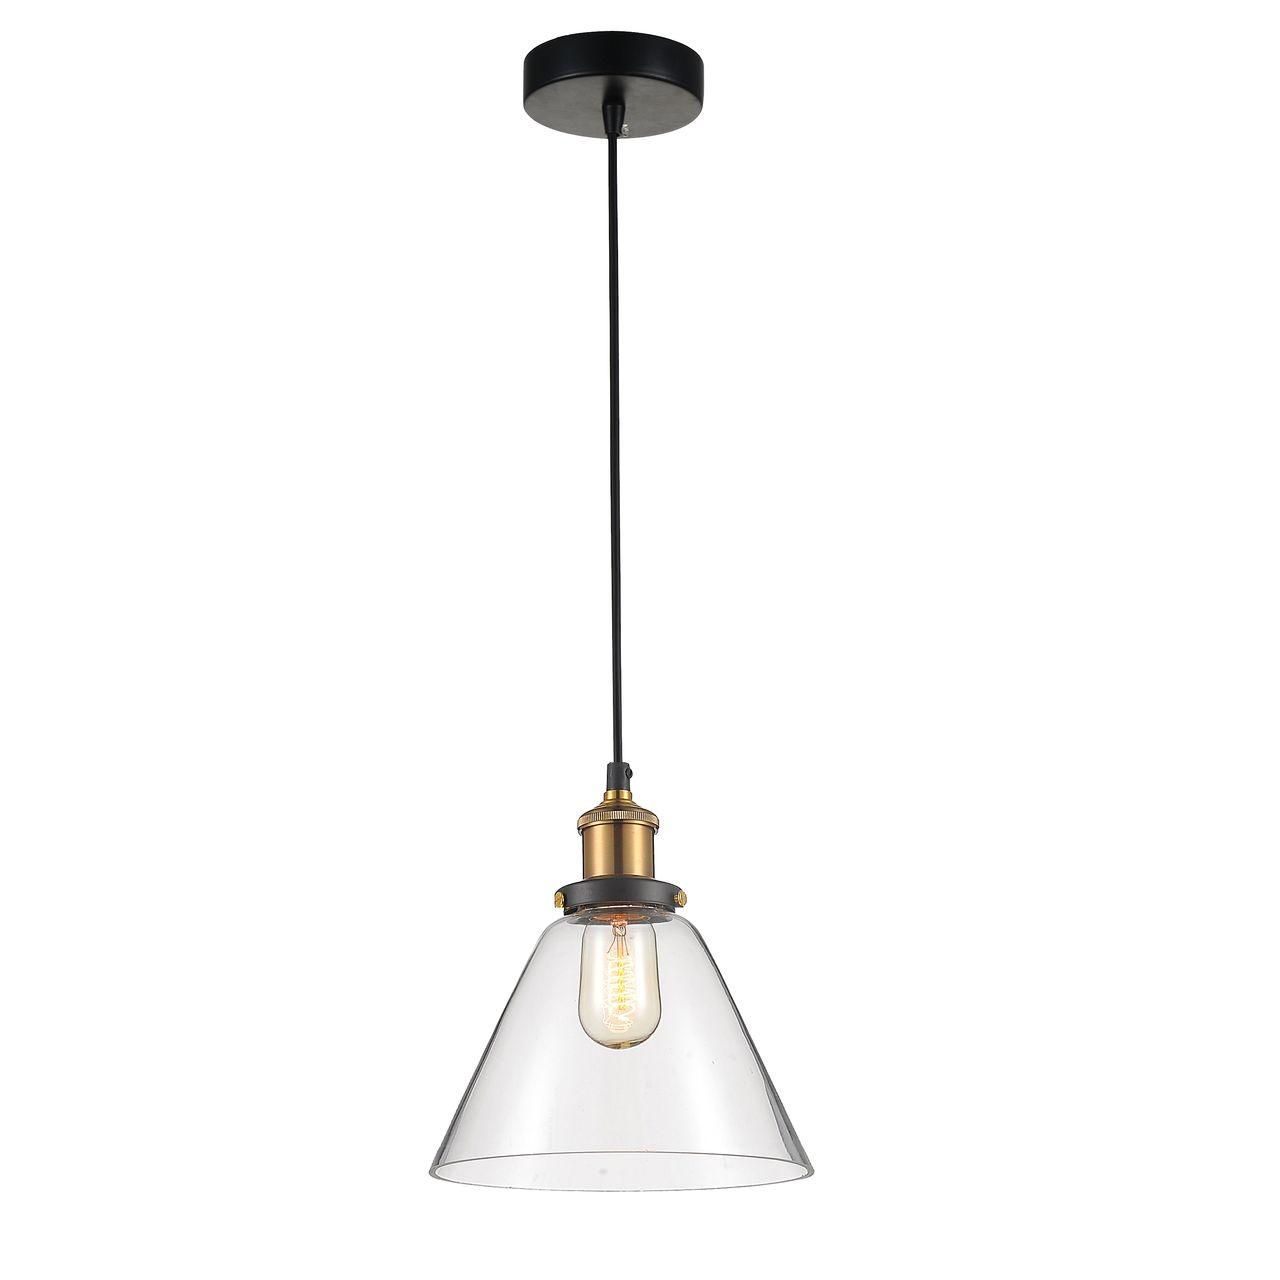 Настенно-потолочный светильник Favourite, E27, 60 Вт потолочный светильник favourite 1024 1p